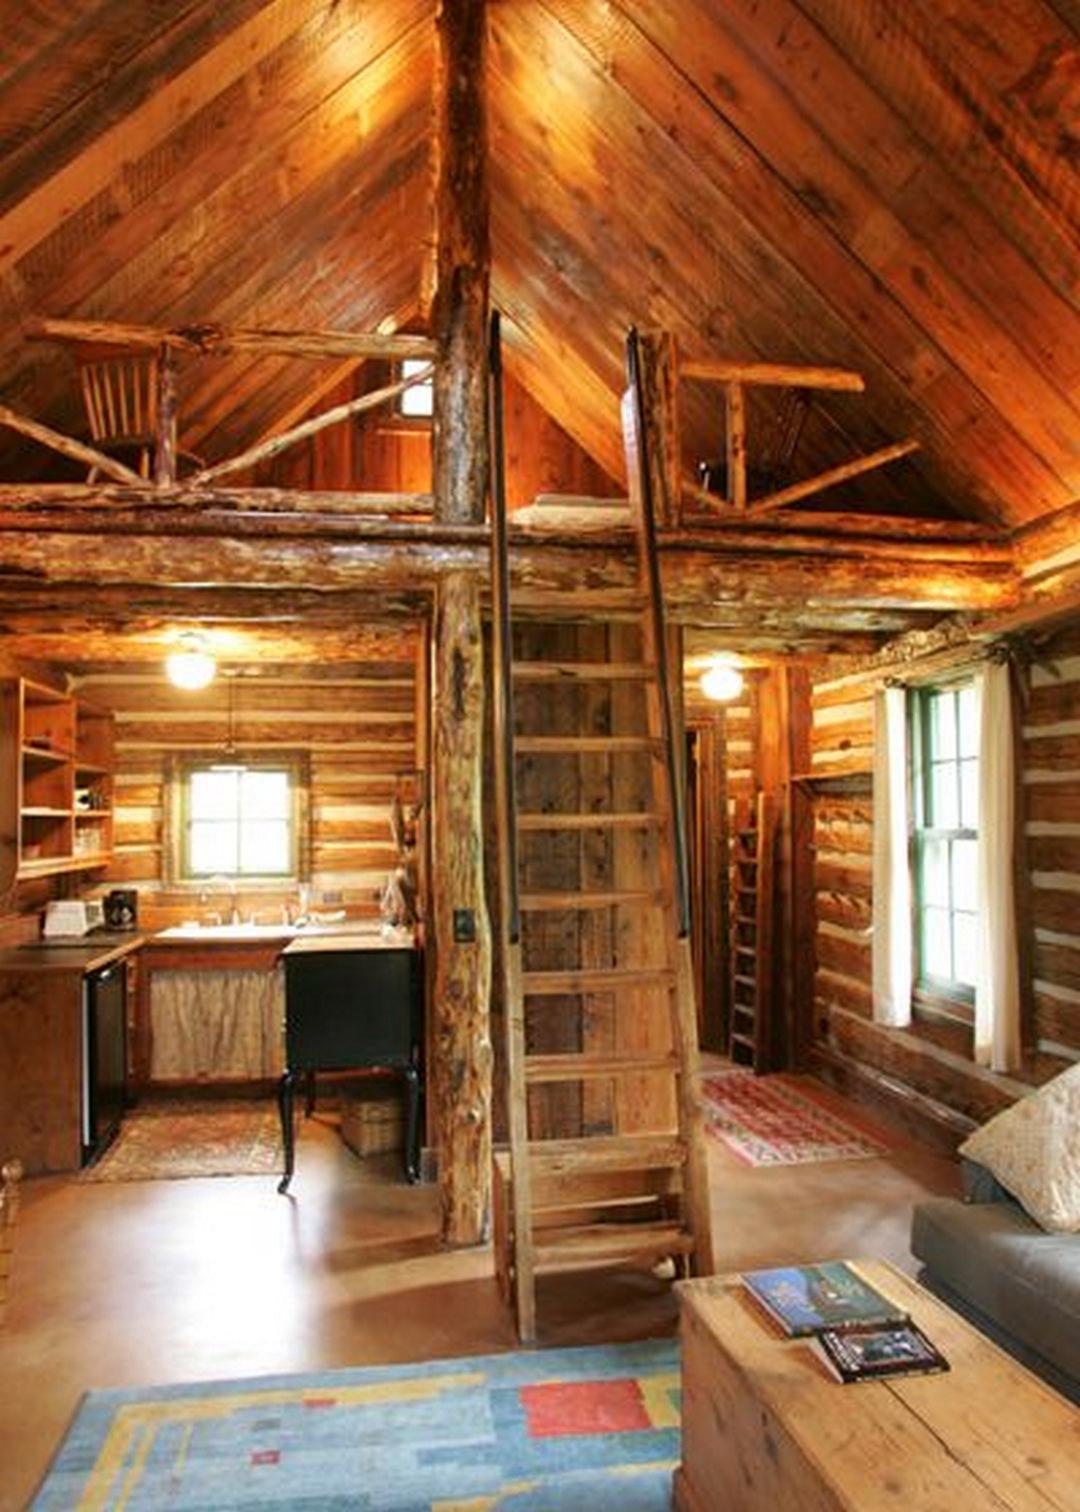 Gorgeous Rustic Cabin Interior Ideas